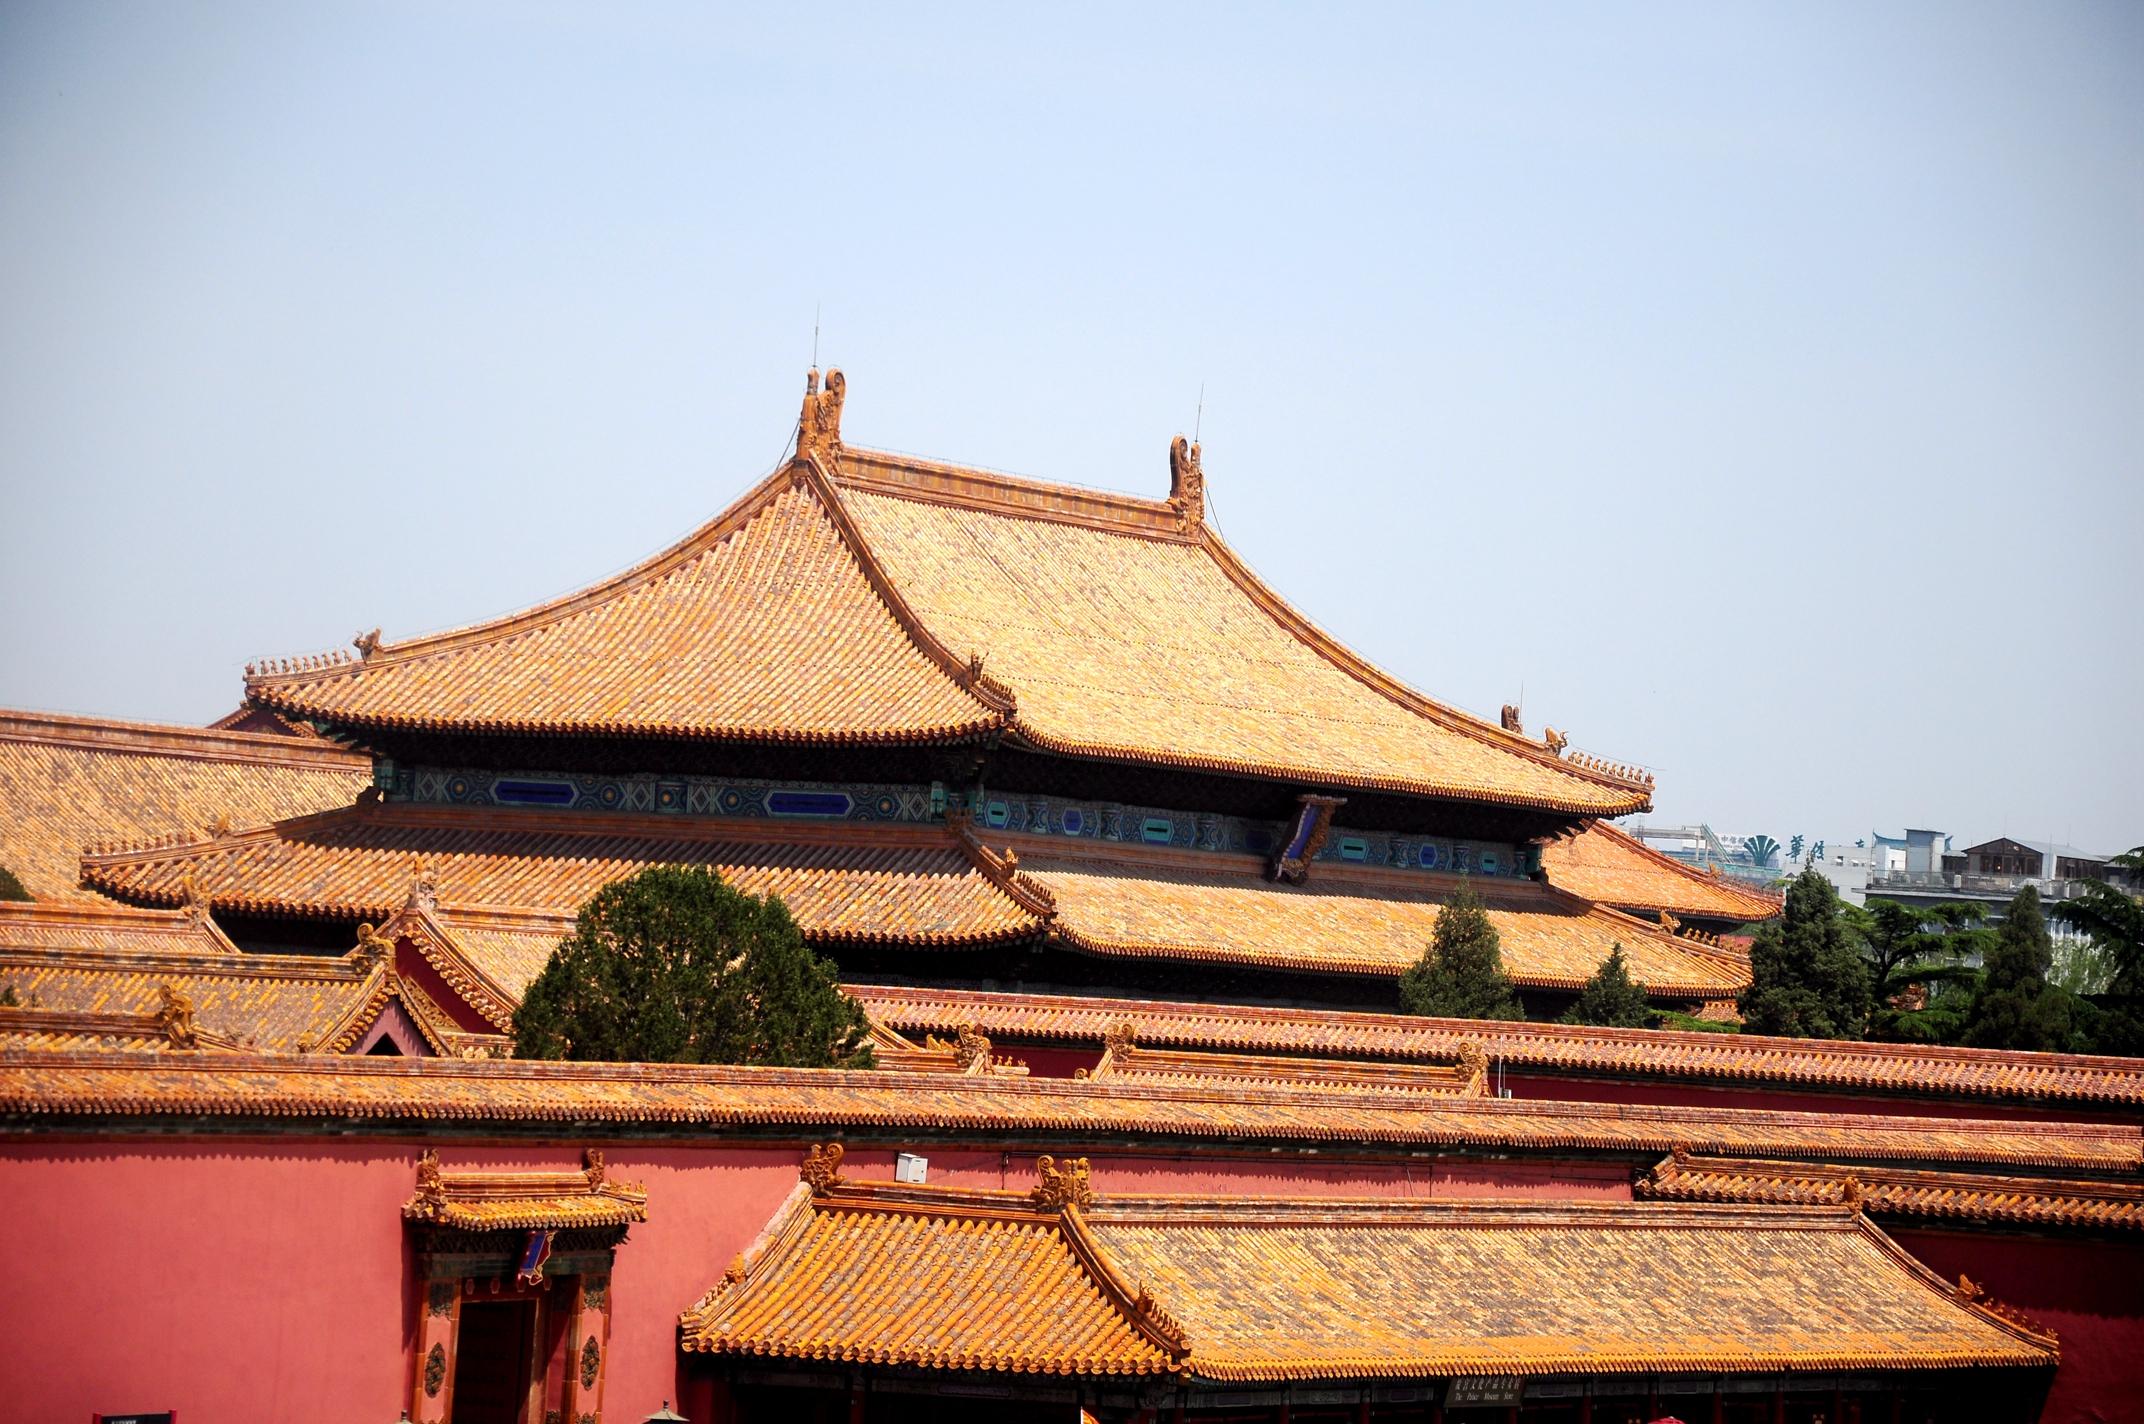 【携程攻略】北京故宫适合单独旅行旅游吗,故宫单独